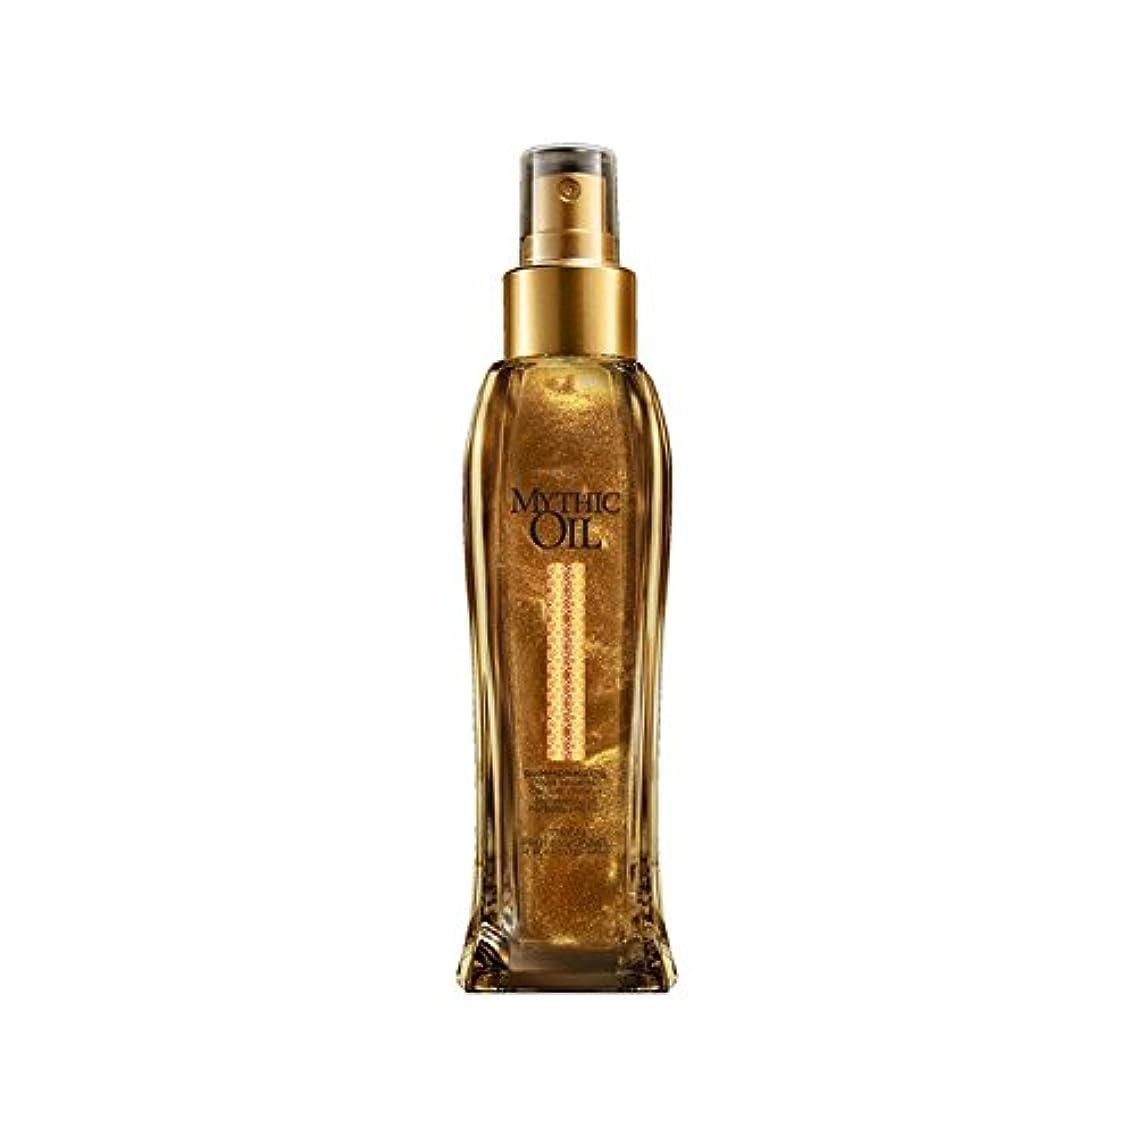 作成者無知生理L'Oreal Professionnel Mythic Oil Shimmering Oil (100ml) - ロレアルプロフェッショナルの神話油きらめくオイル(100ミリリットル) [並行輸入品]